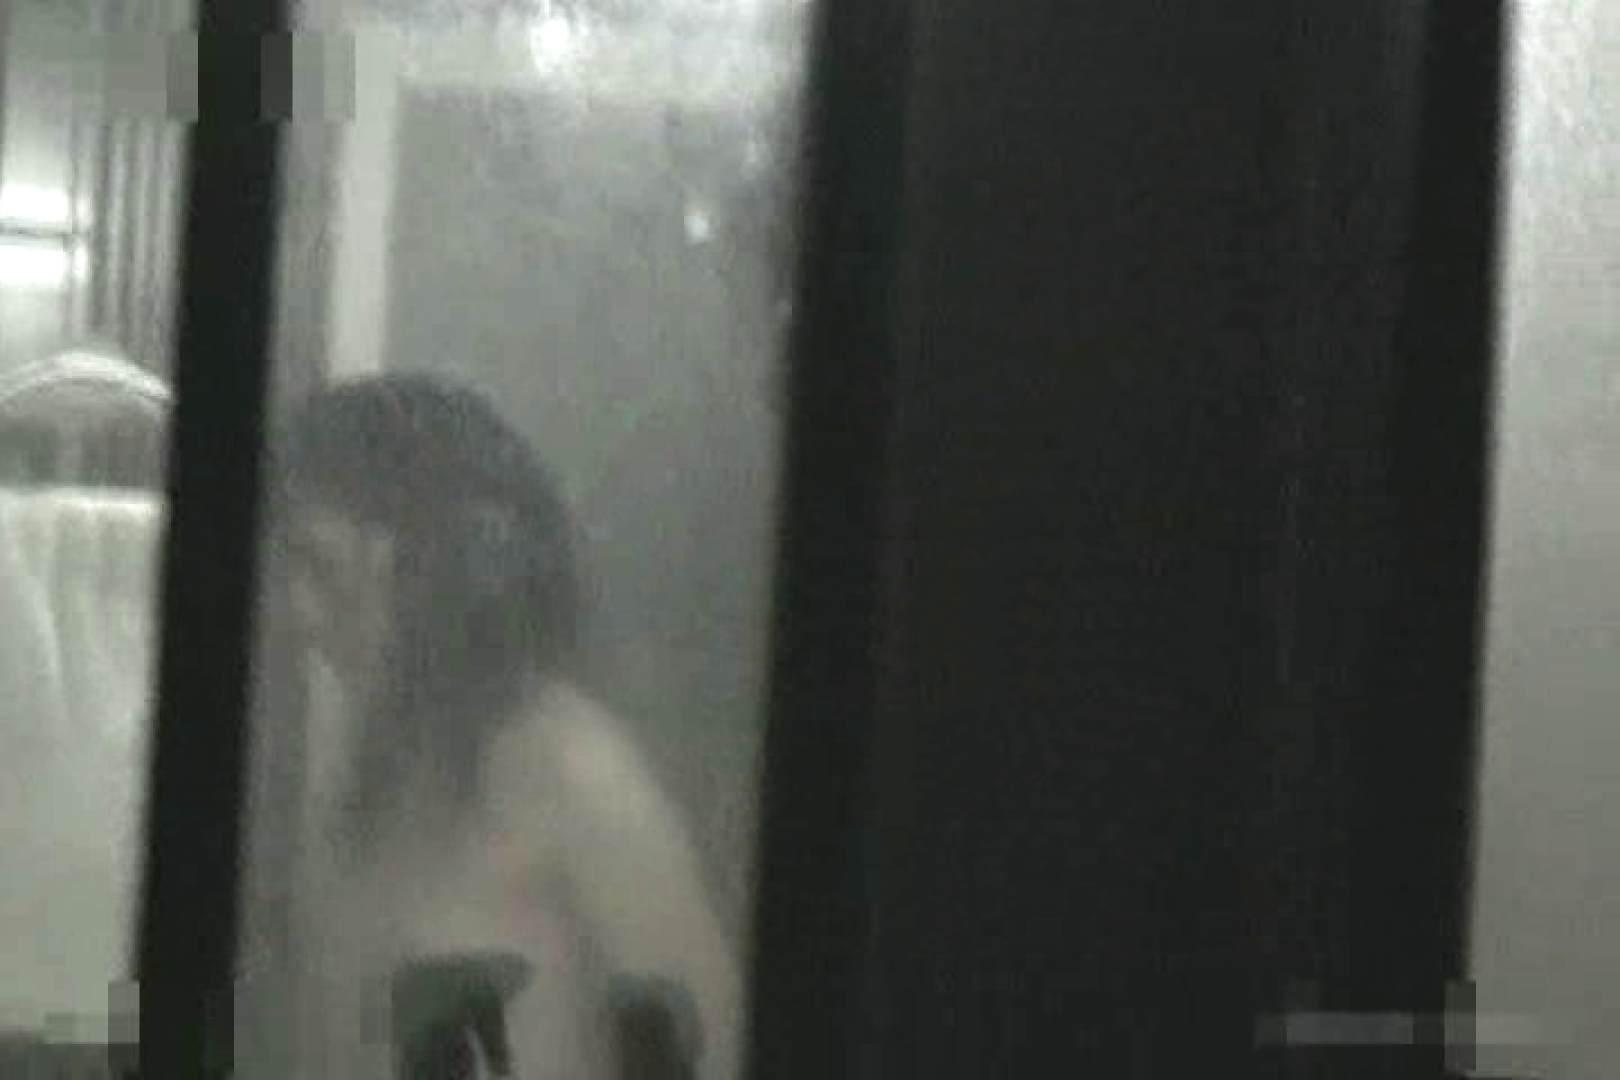 激撮ストーカー記録あなたのお宅拝見しますVol.6 盗撮 濡れ場動画紹介 85pic 66